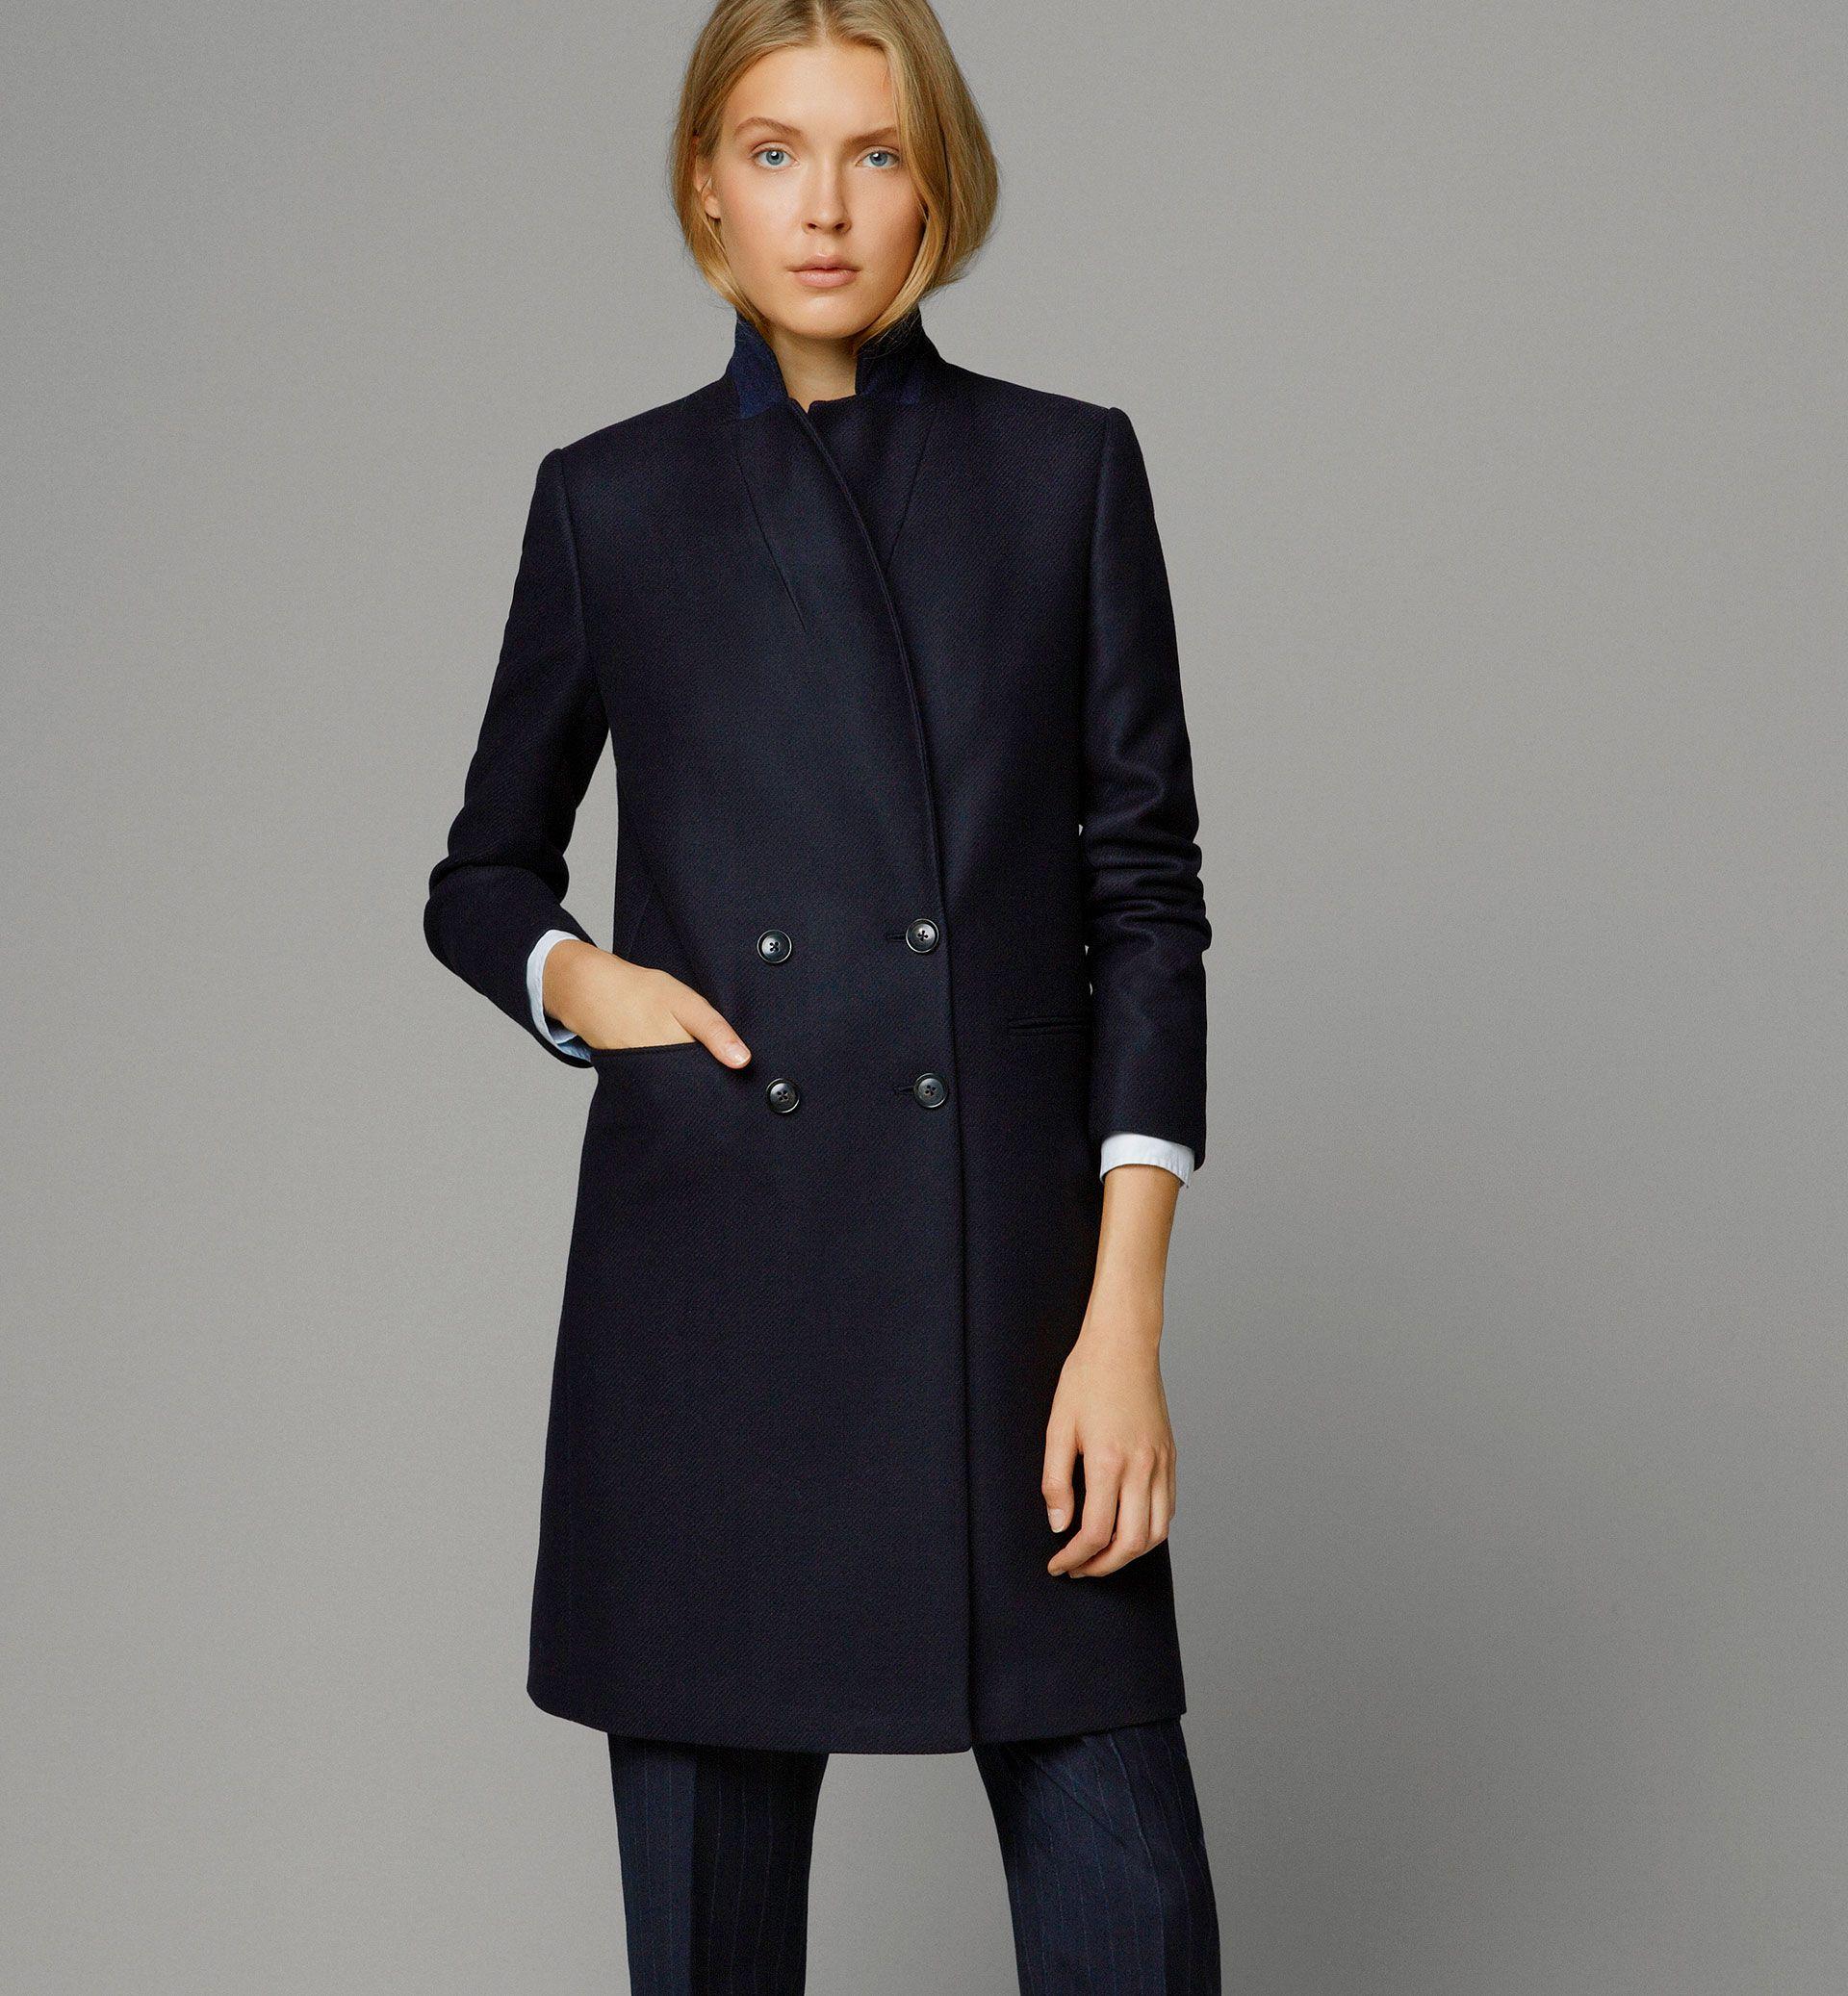 bd57e0cd6 Massimo Dutti - 6426/933 - NAVY COAT - Coats & Jackets | Coats and ...